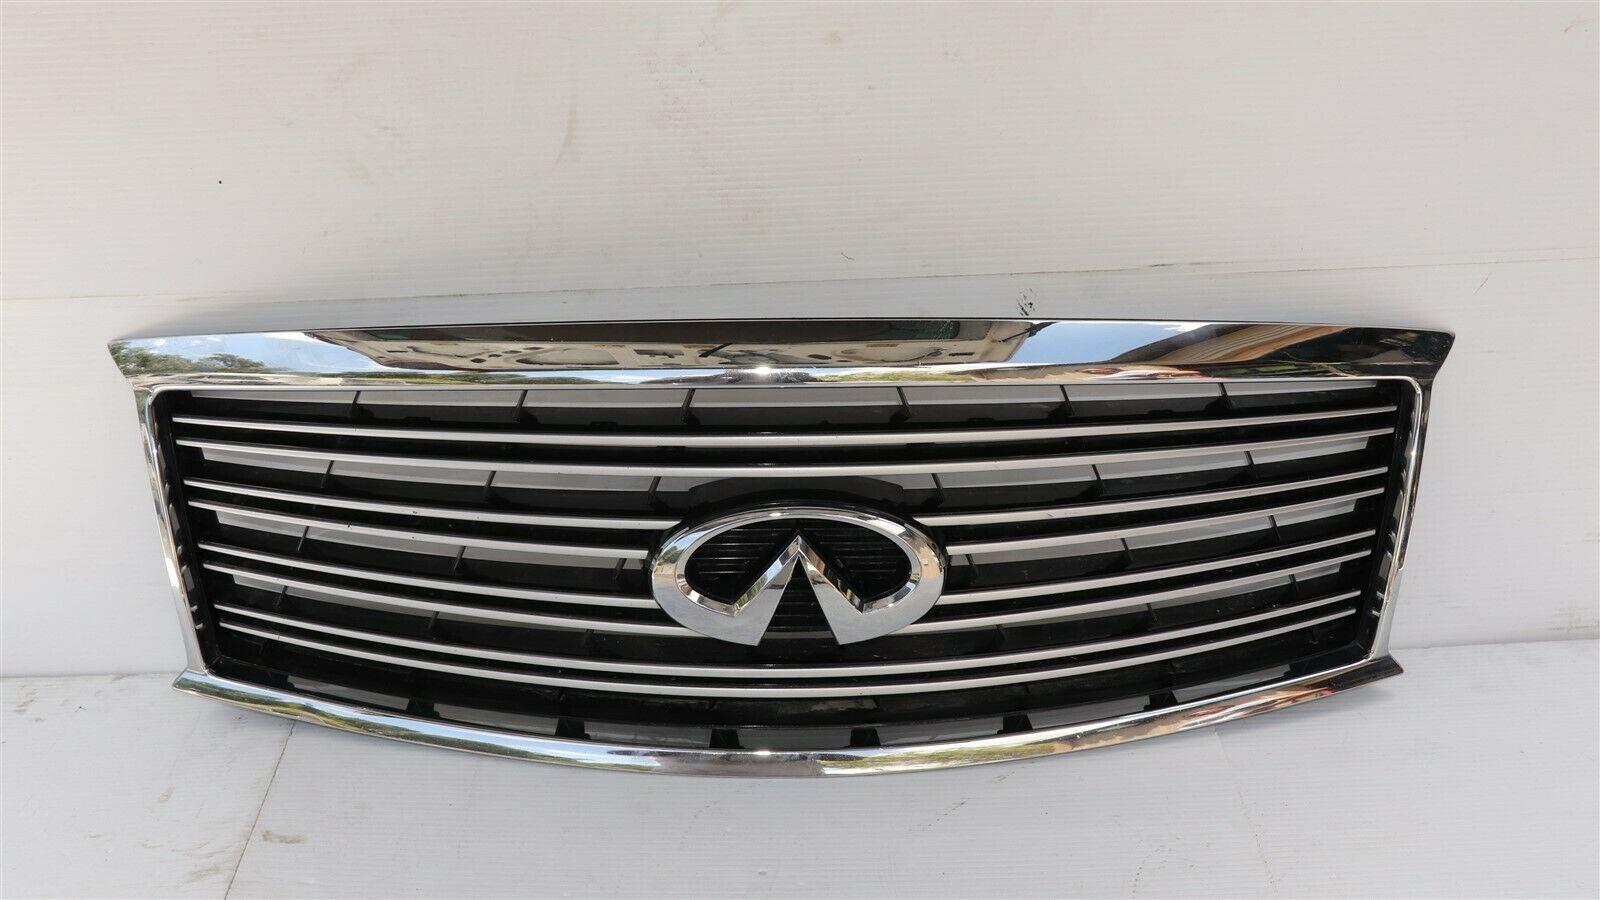 11-14 Infiniti Q70 M35h M37 M56 Front Bumper Upper Grille W/ Emblem W/O Camera